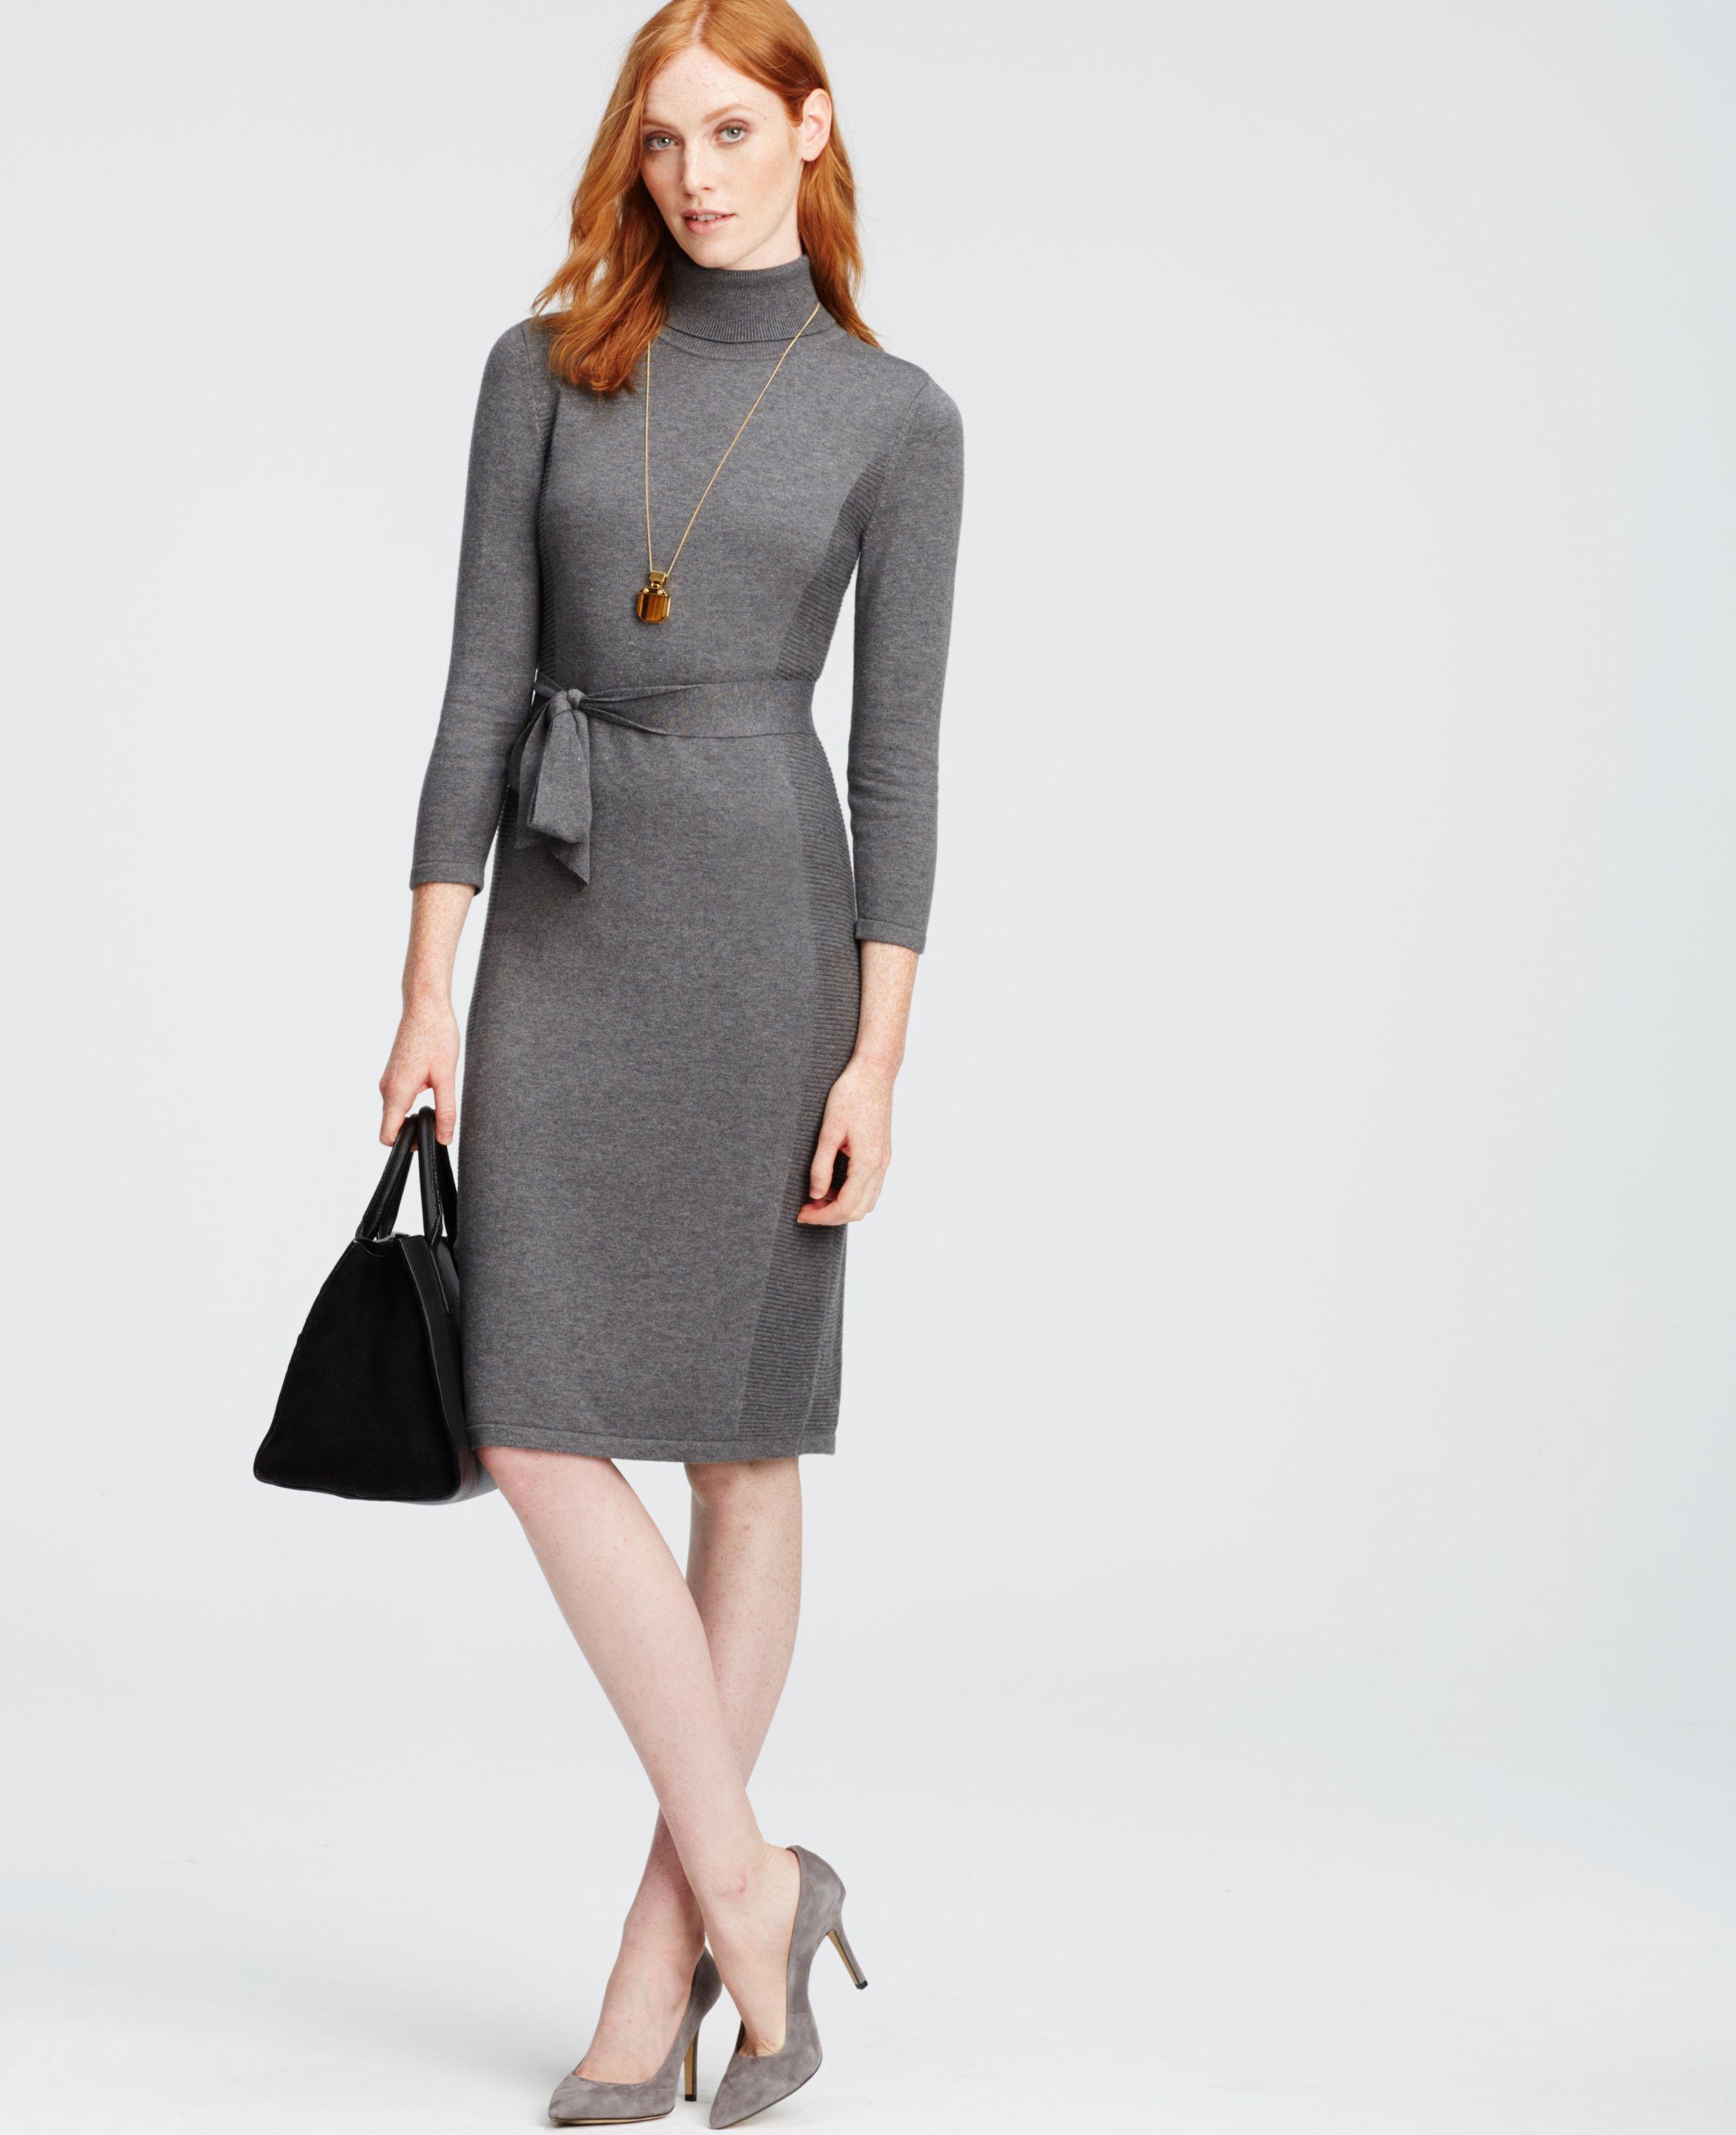 ebb965dee00d The Turtleneck Sweater Dress in grey.